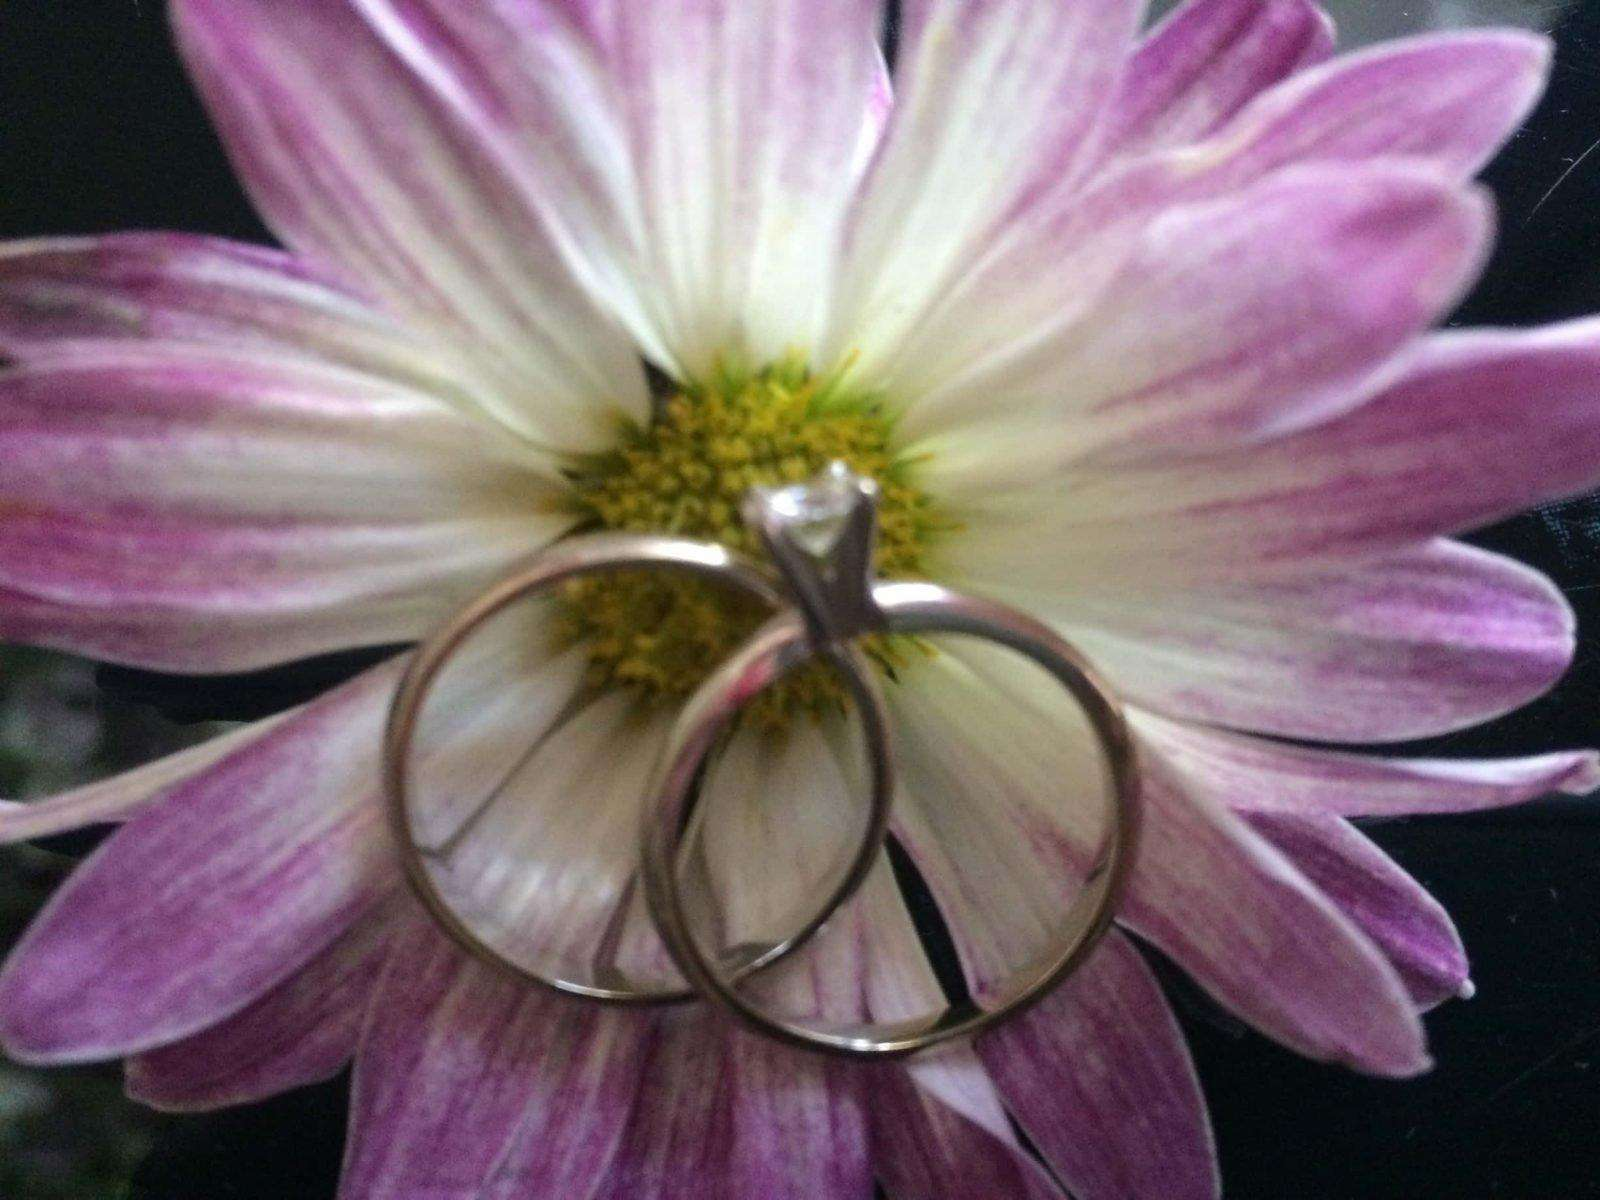 Ehering und Verlobungsring an welche Hand